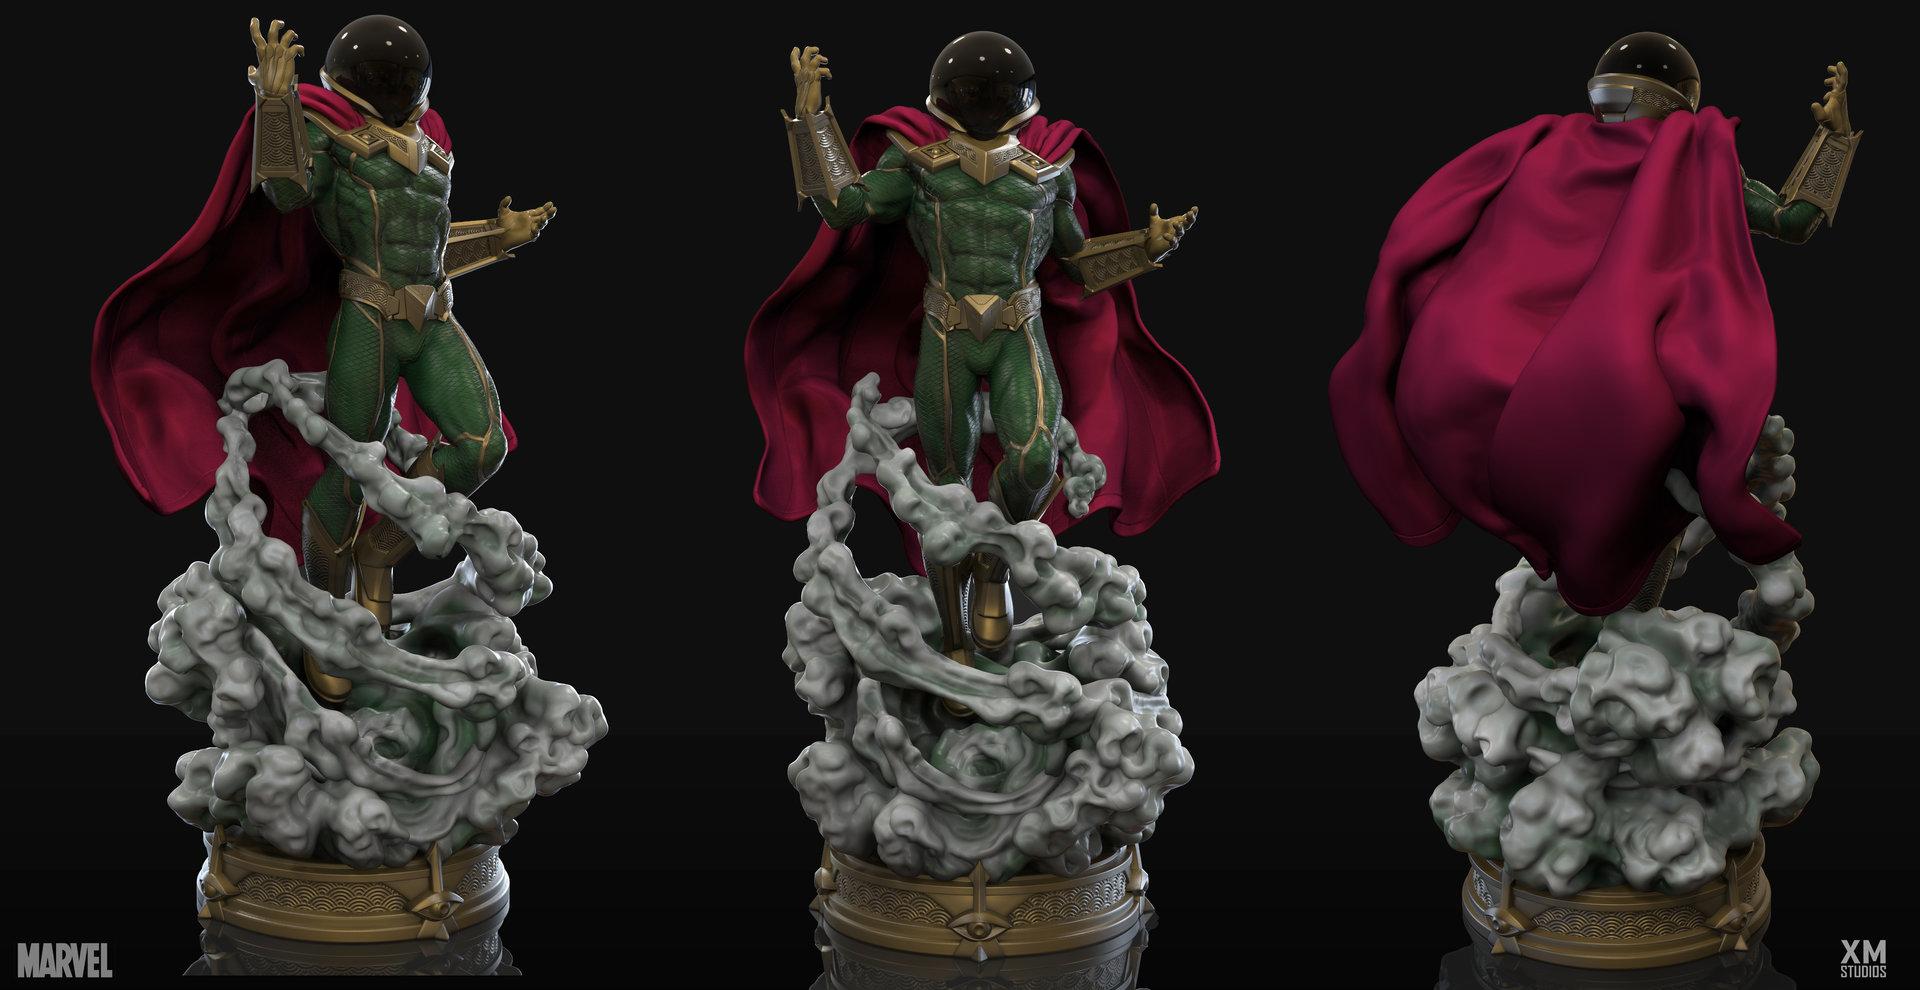 Marthin agusta mysterio02